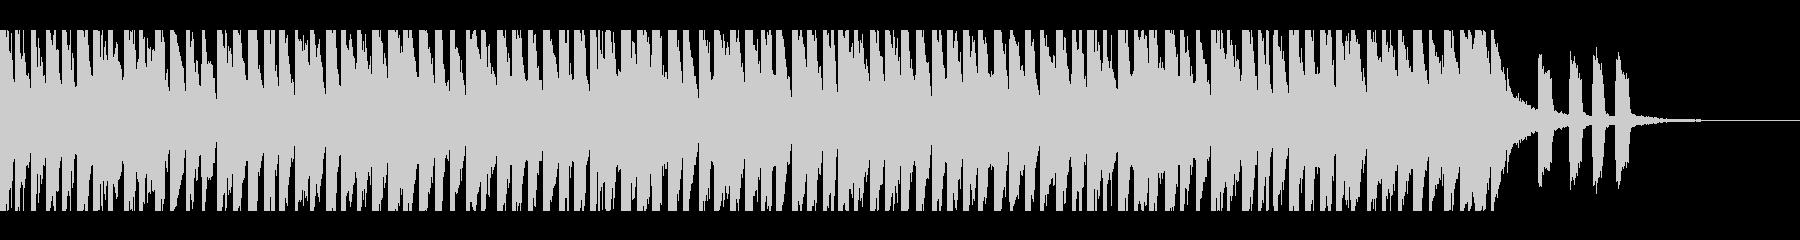 ハッピーポップ(30秒)の未再生の波形